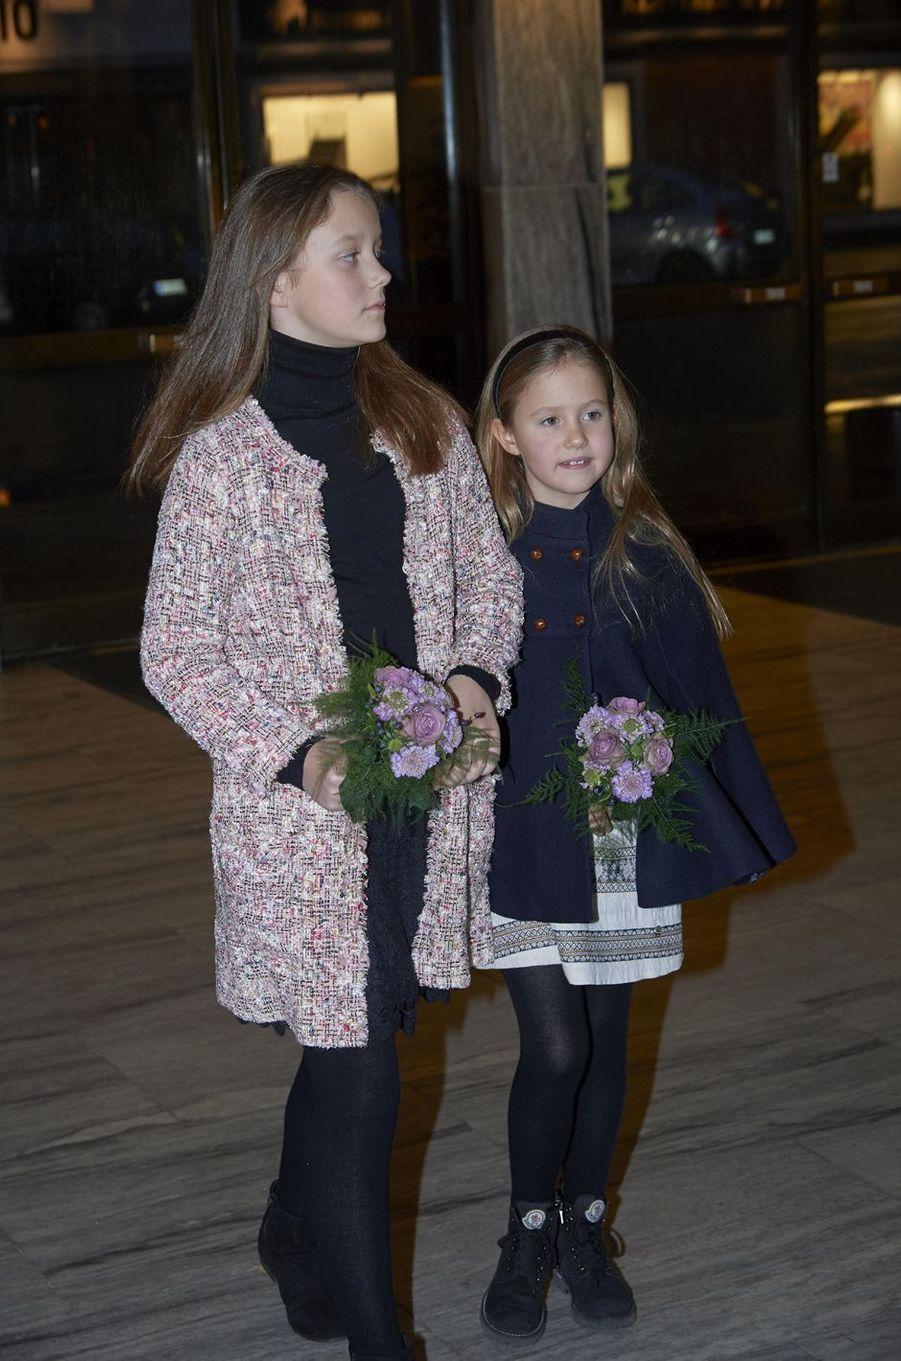 Les princesses Isabella et Joséphine de Danemark à Copenhague, le 8 décembre 2018